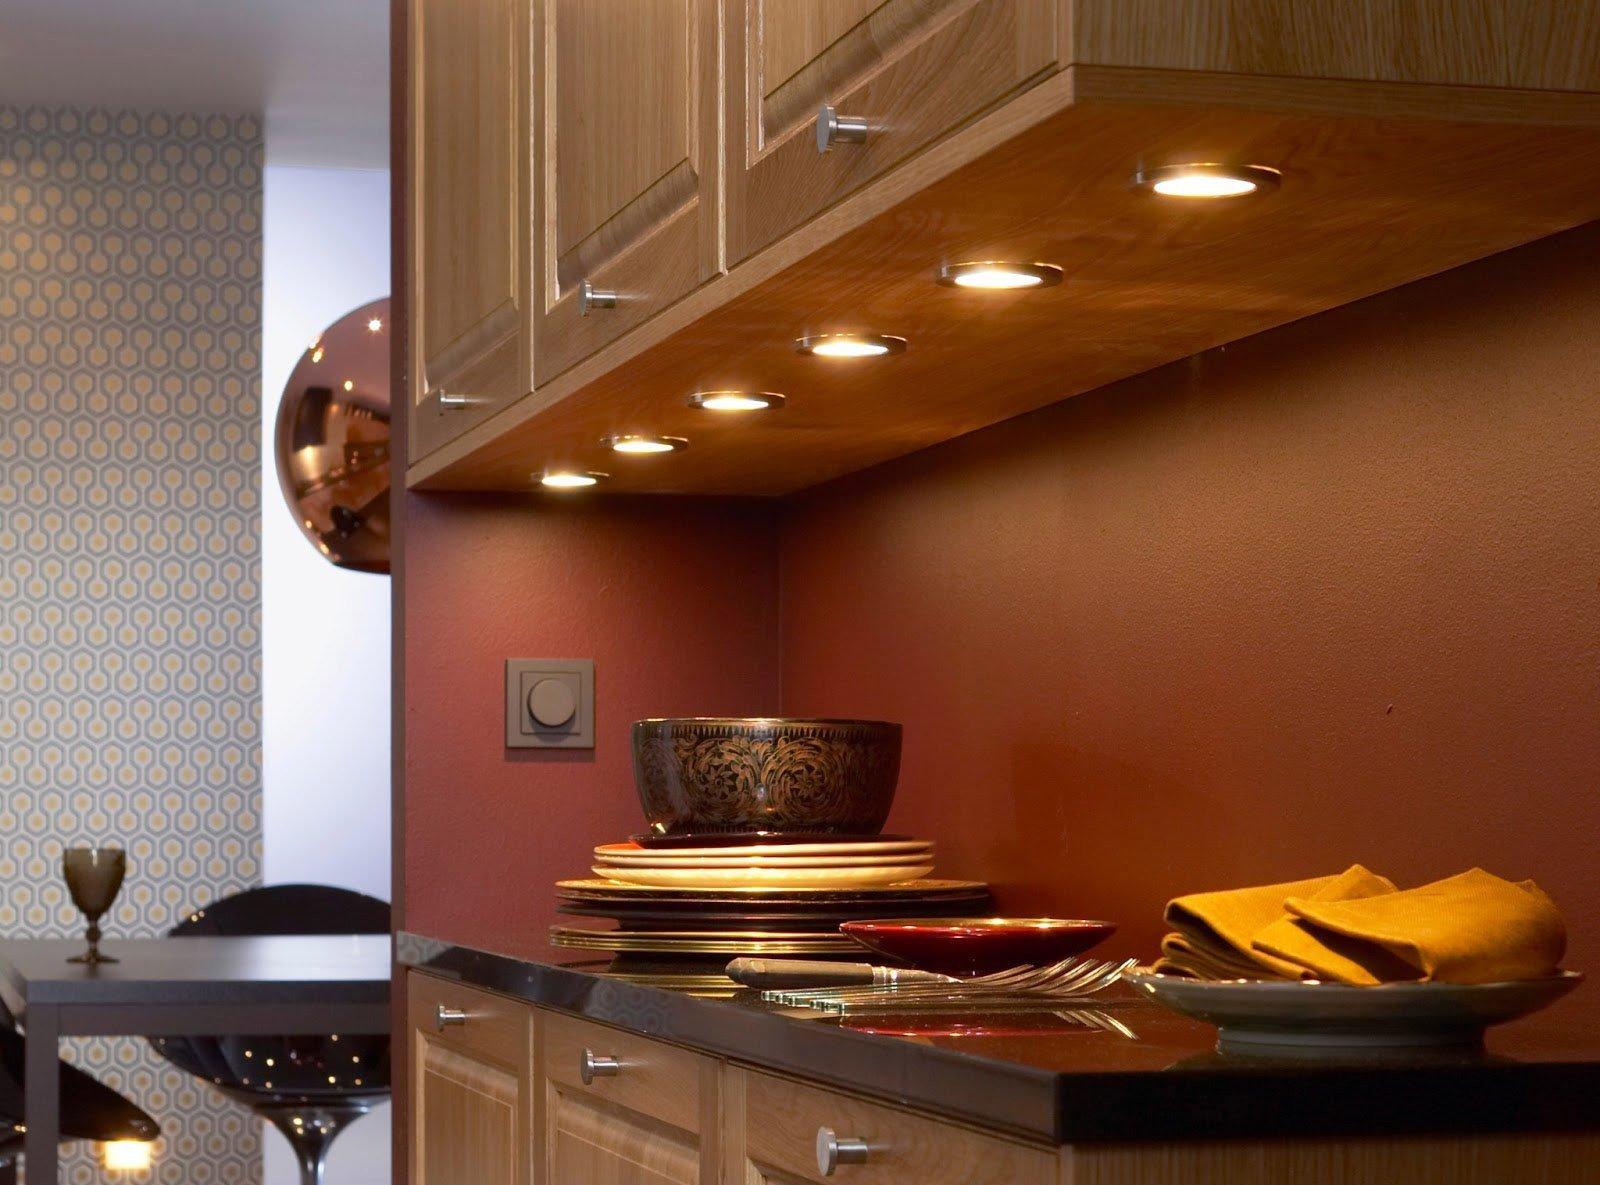 Выбор бра для кухни: плюсы и минусы, разновидности, фото примеры